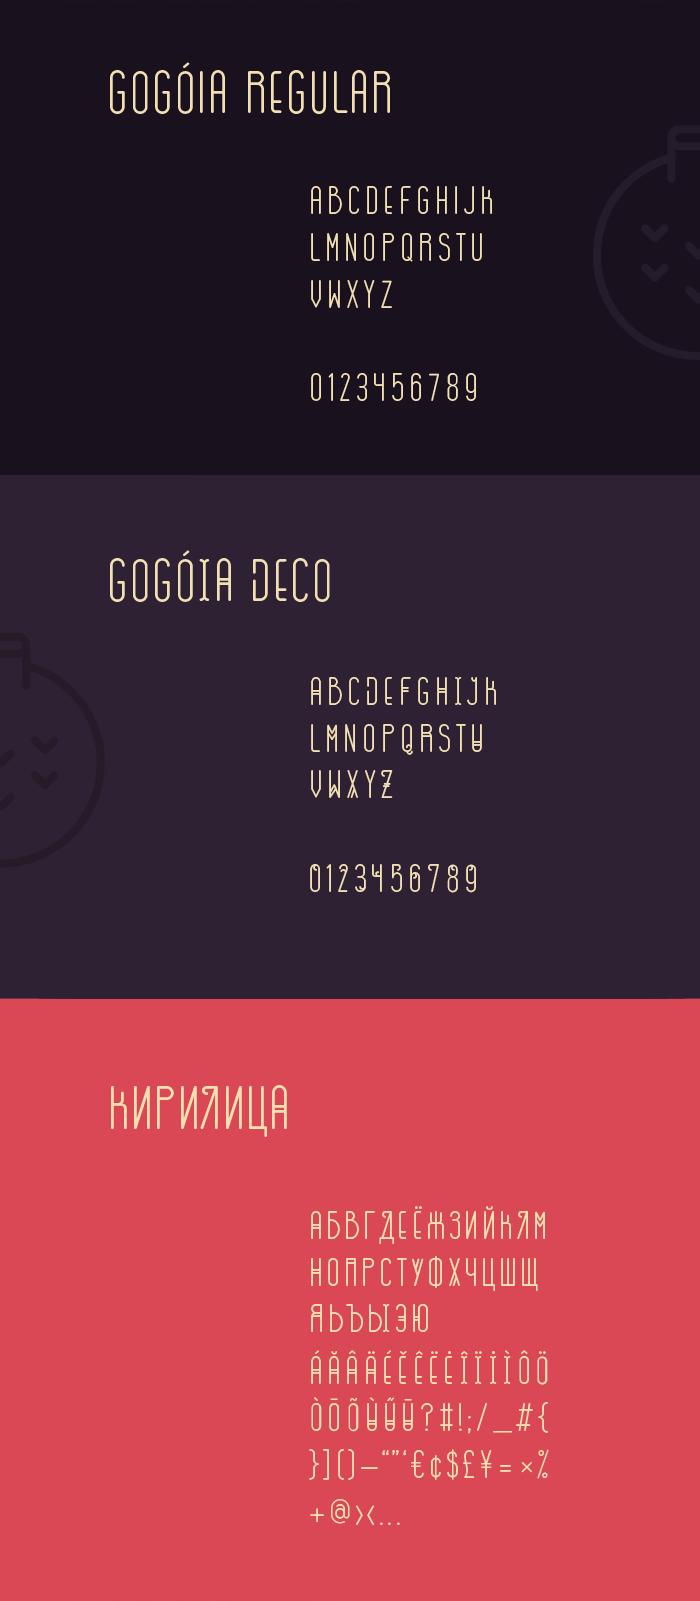 gogoia 1